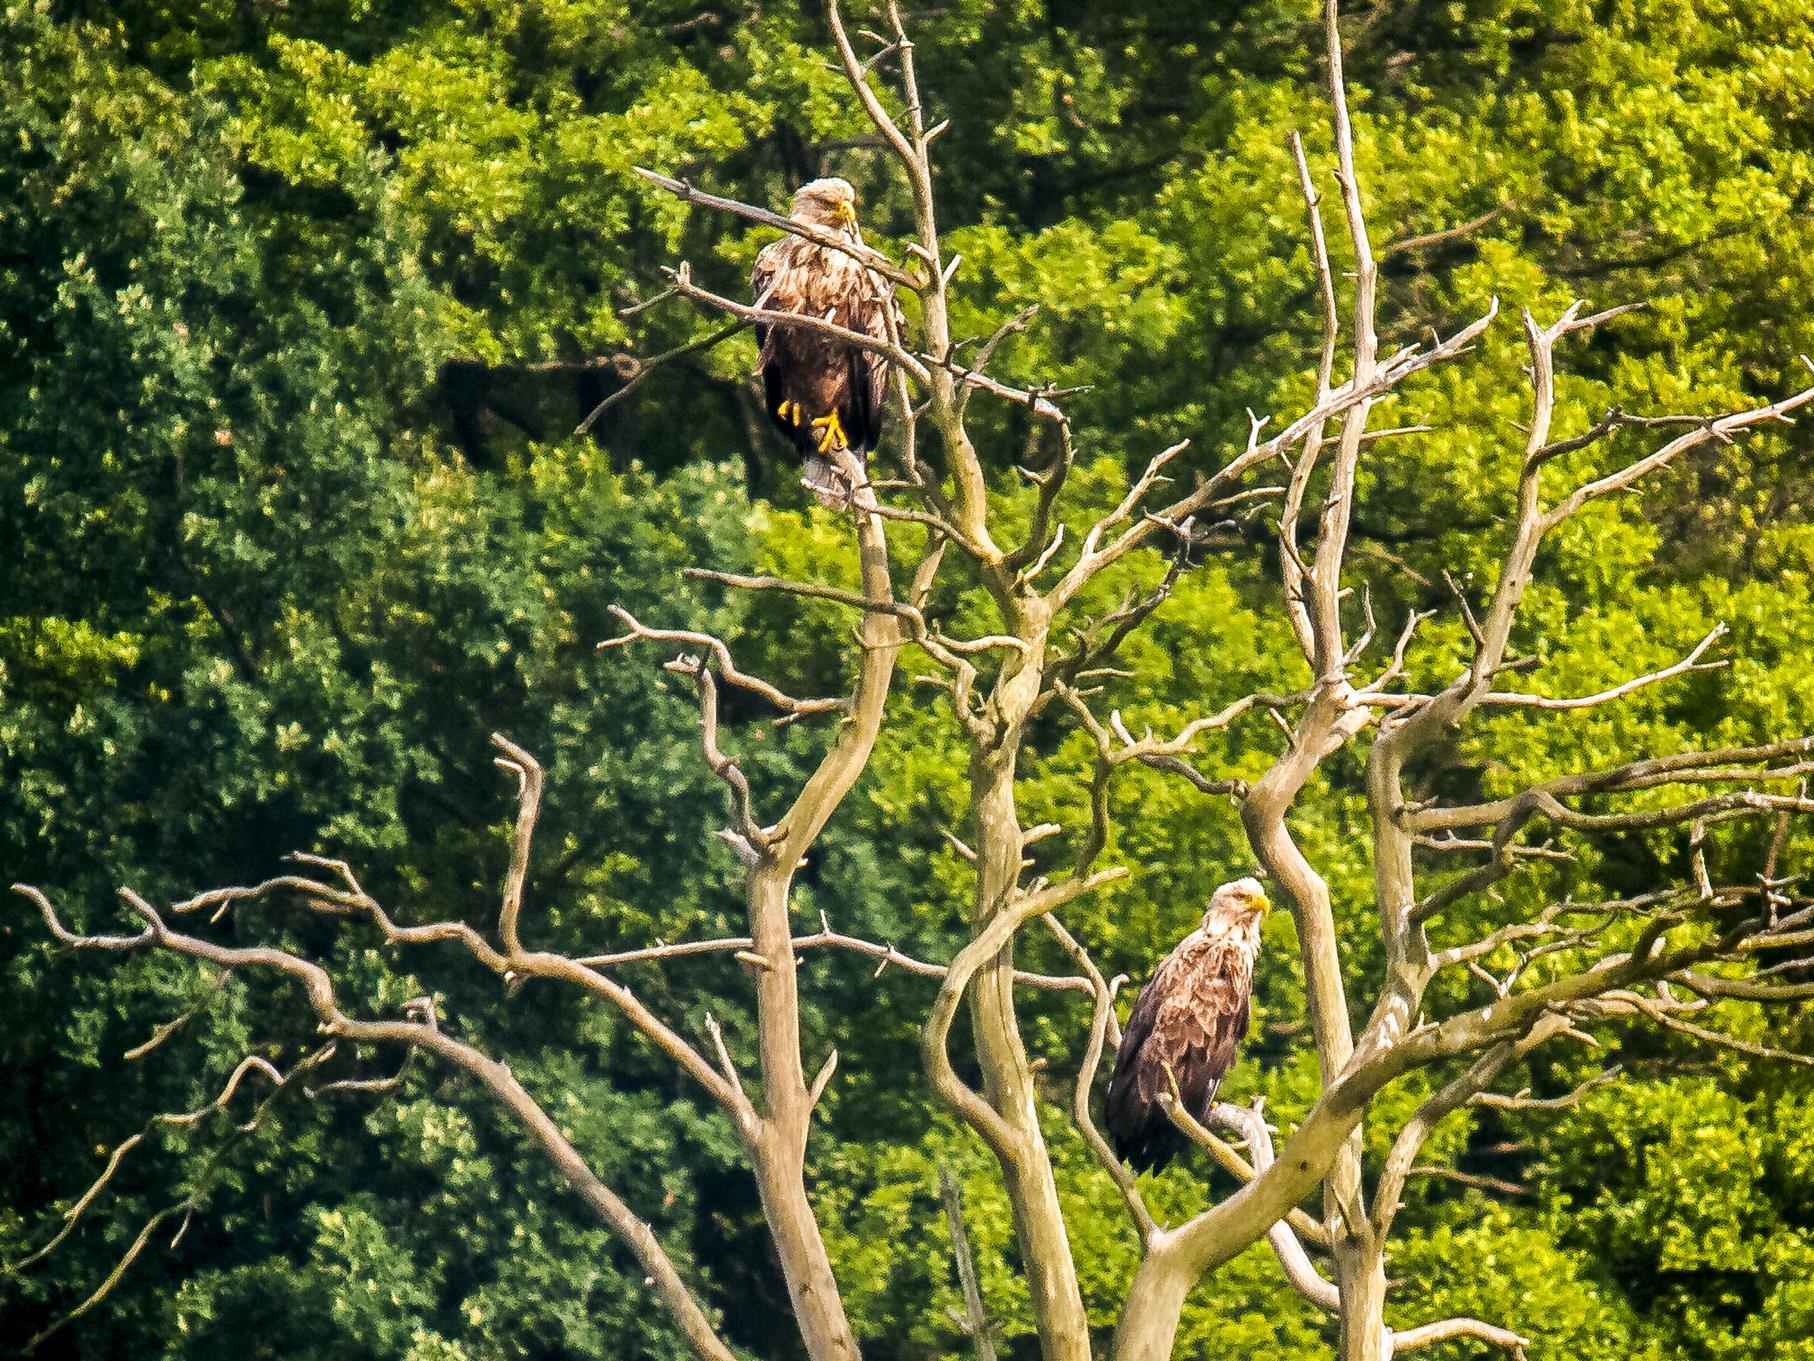 Das Seeadler-Paar sitzt oft in den hohen Bäumen.